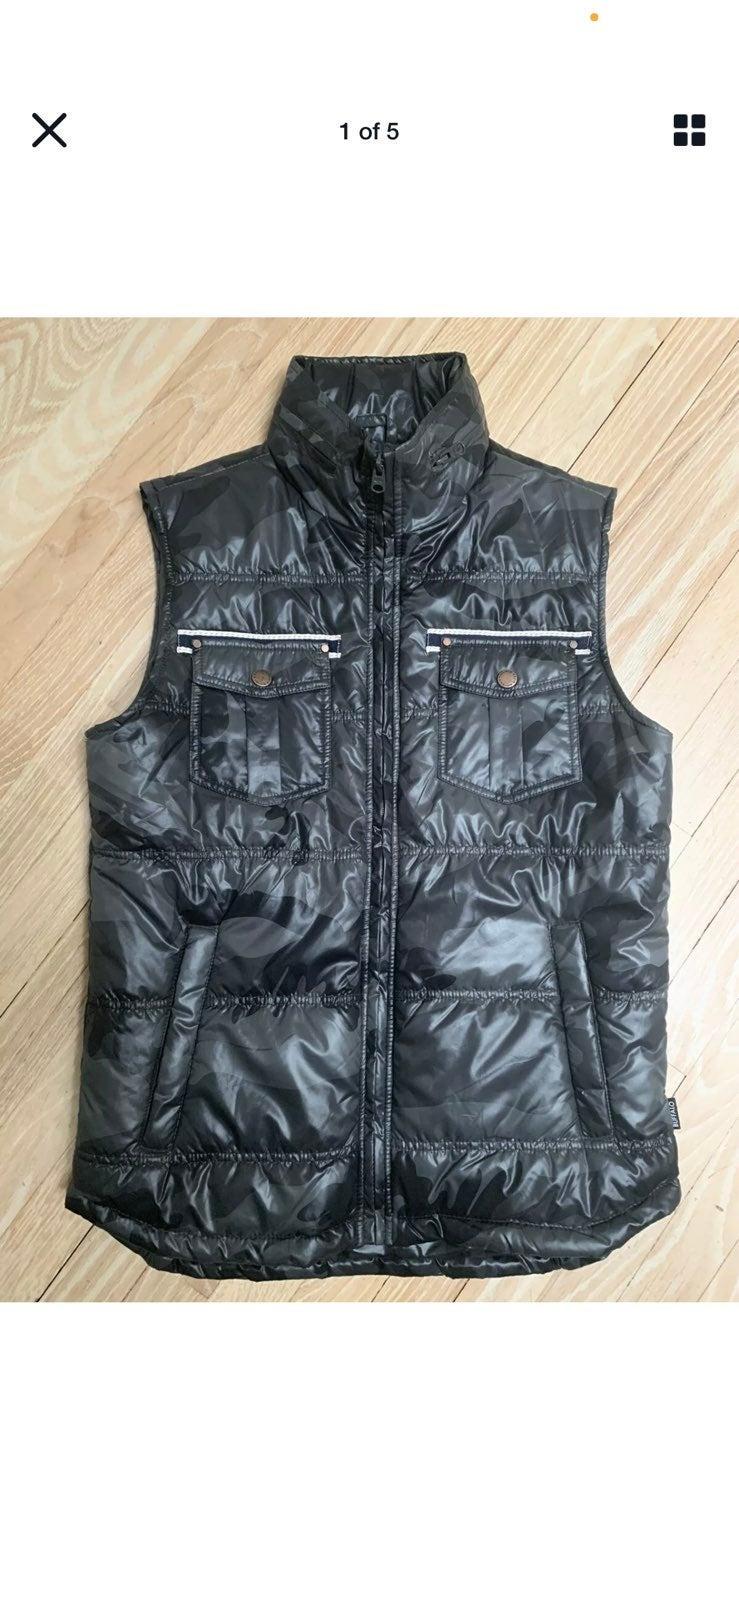 David Buffalo Puffer Vest Size M